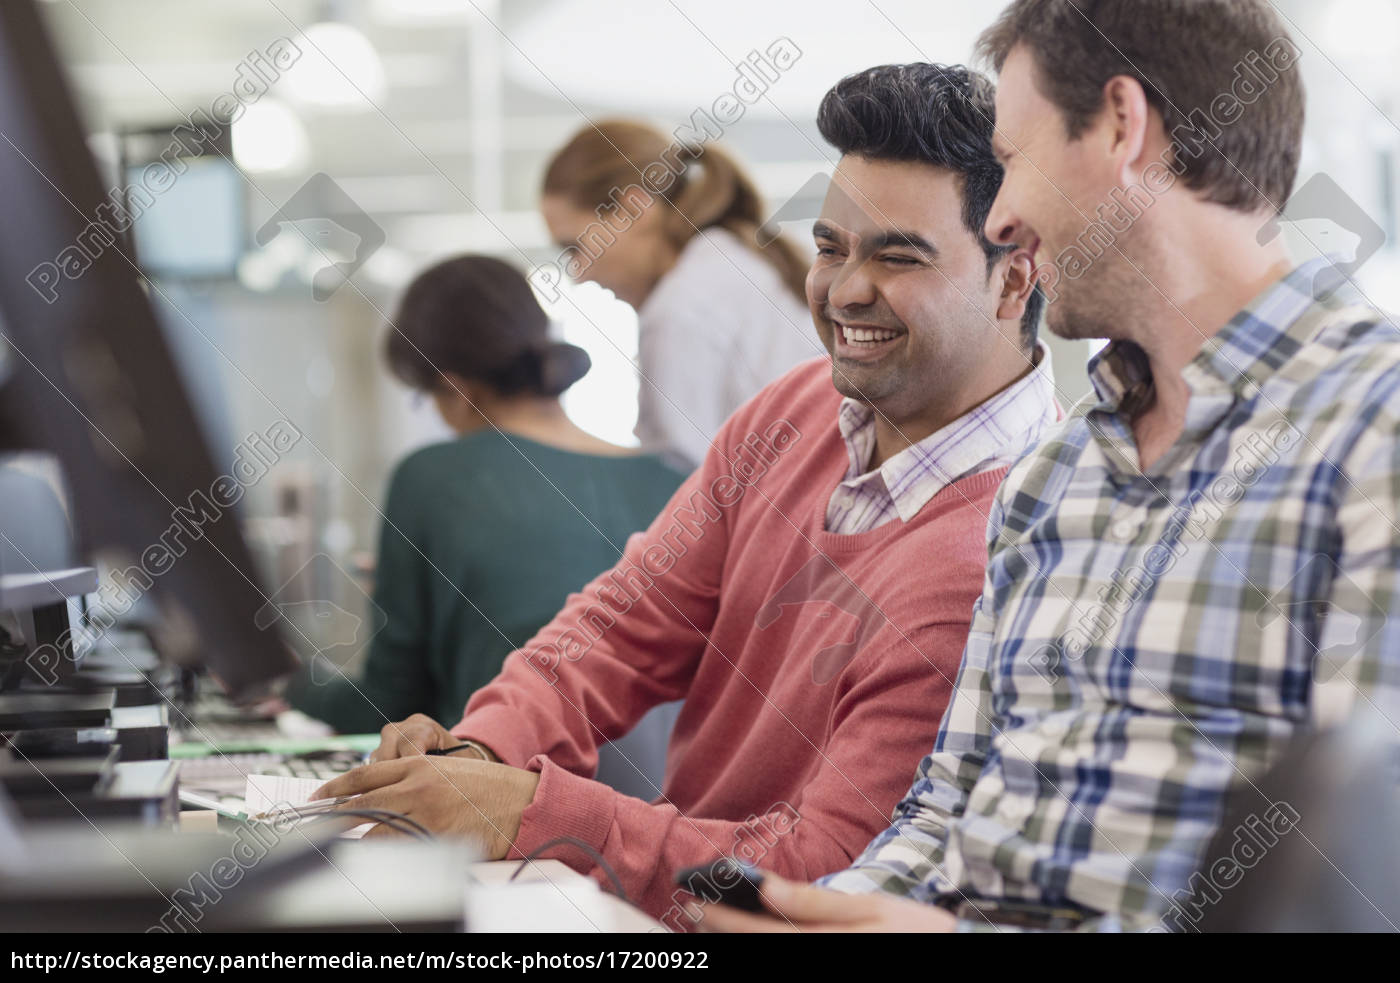 männer, lachen, am, computer, im, klassenzimmer - 17200922